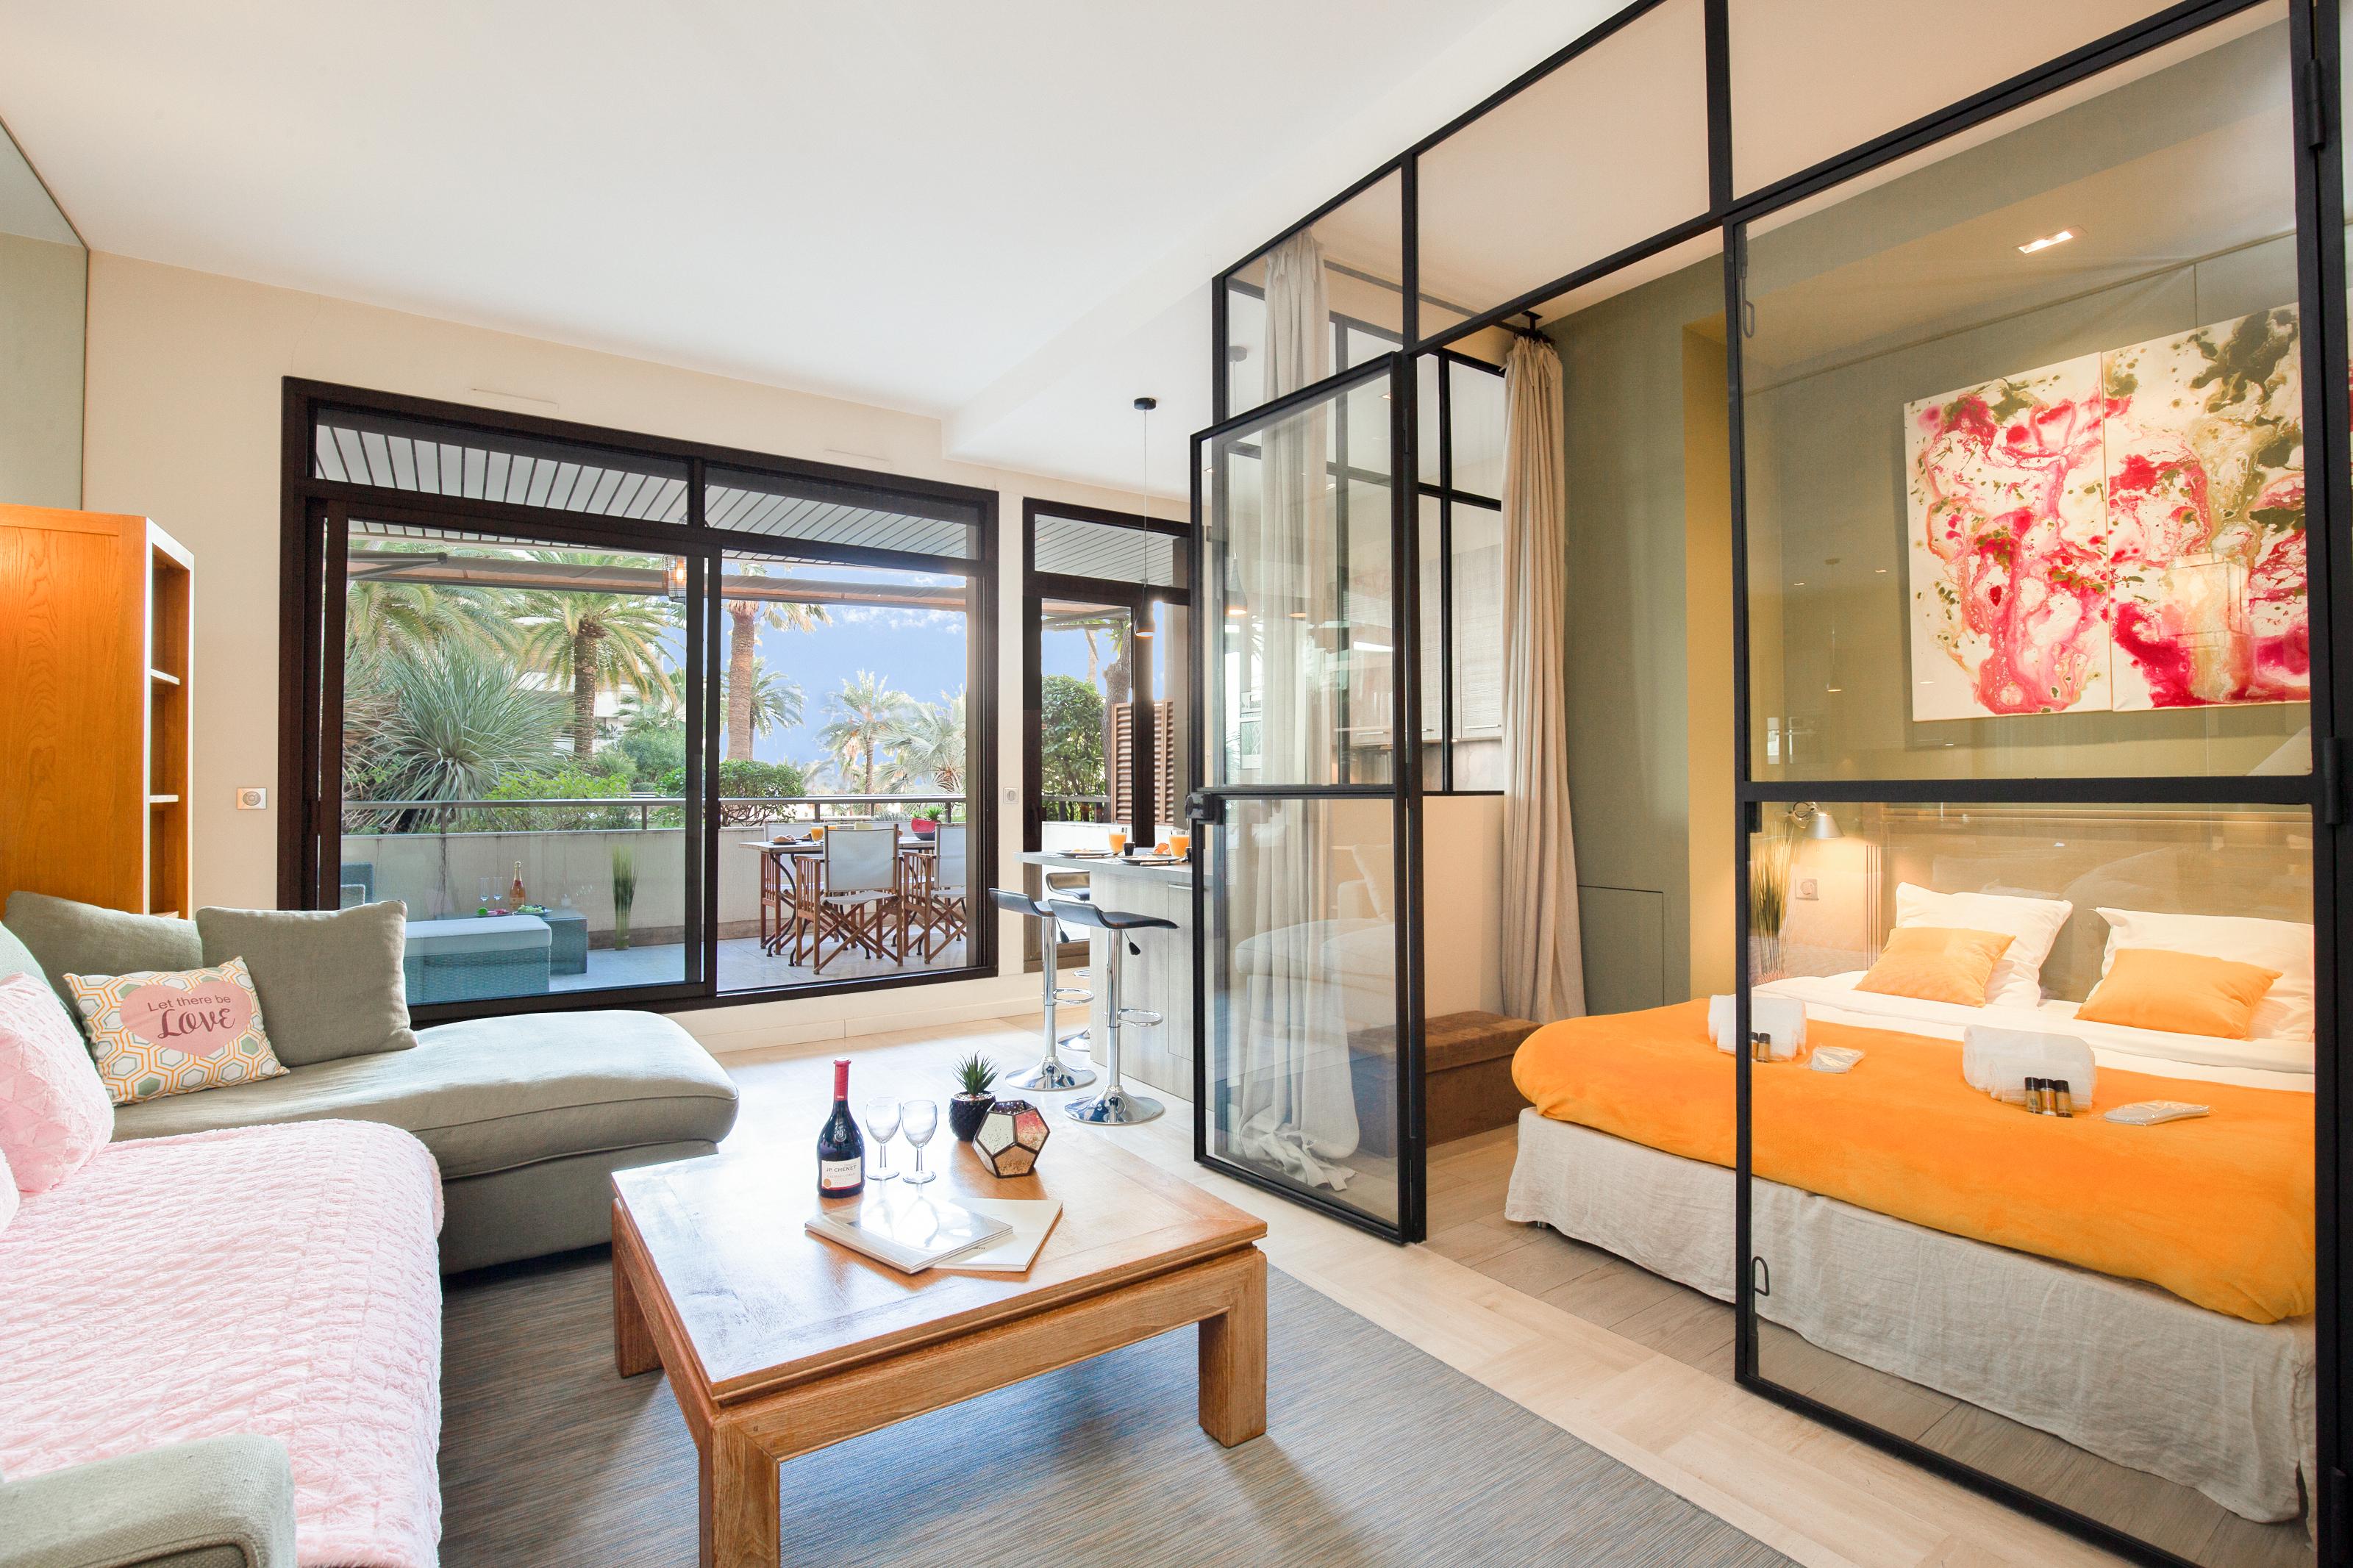 Les avantages de la gestion locative pour votre location airbnb